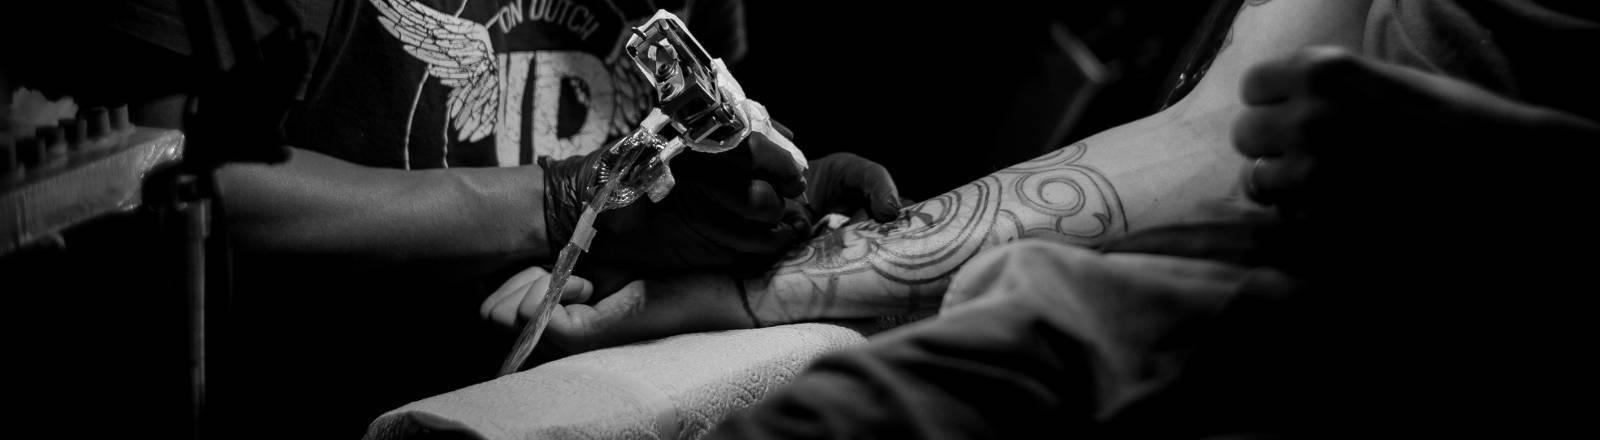 Ein Tätowierer sticht ein Tattoo